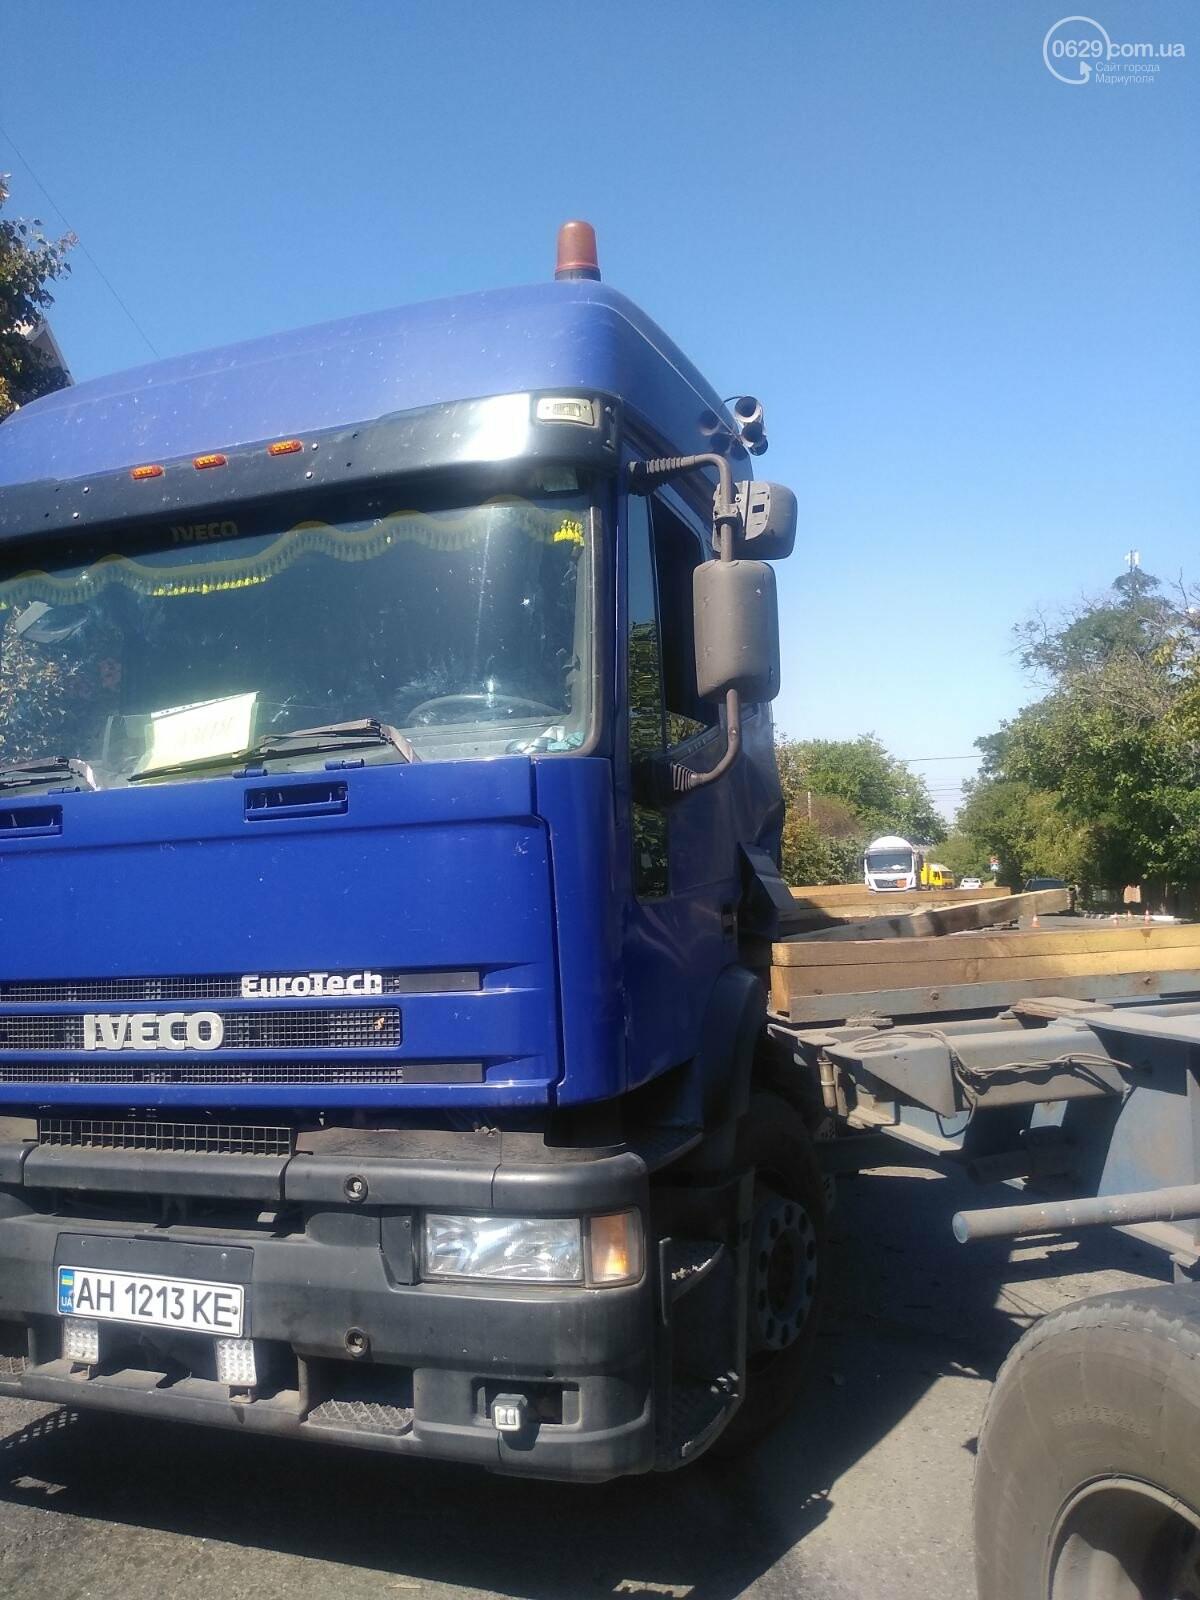 ДТП в Мариуполе: столкнулись два грузовика и перекрыли дорогу, - ФОТО, ВИДЕО, фото-5